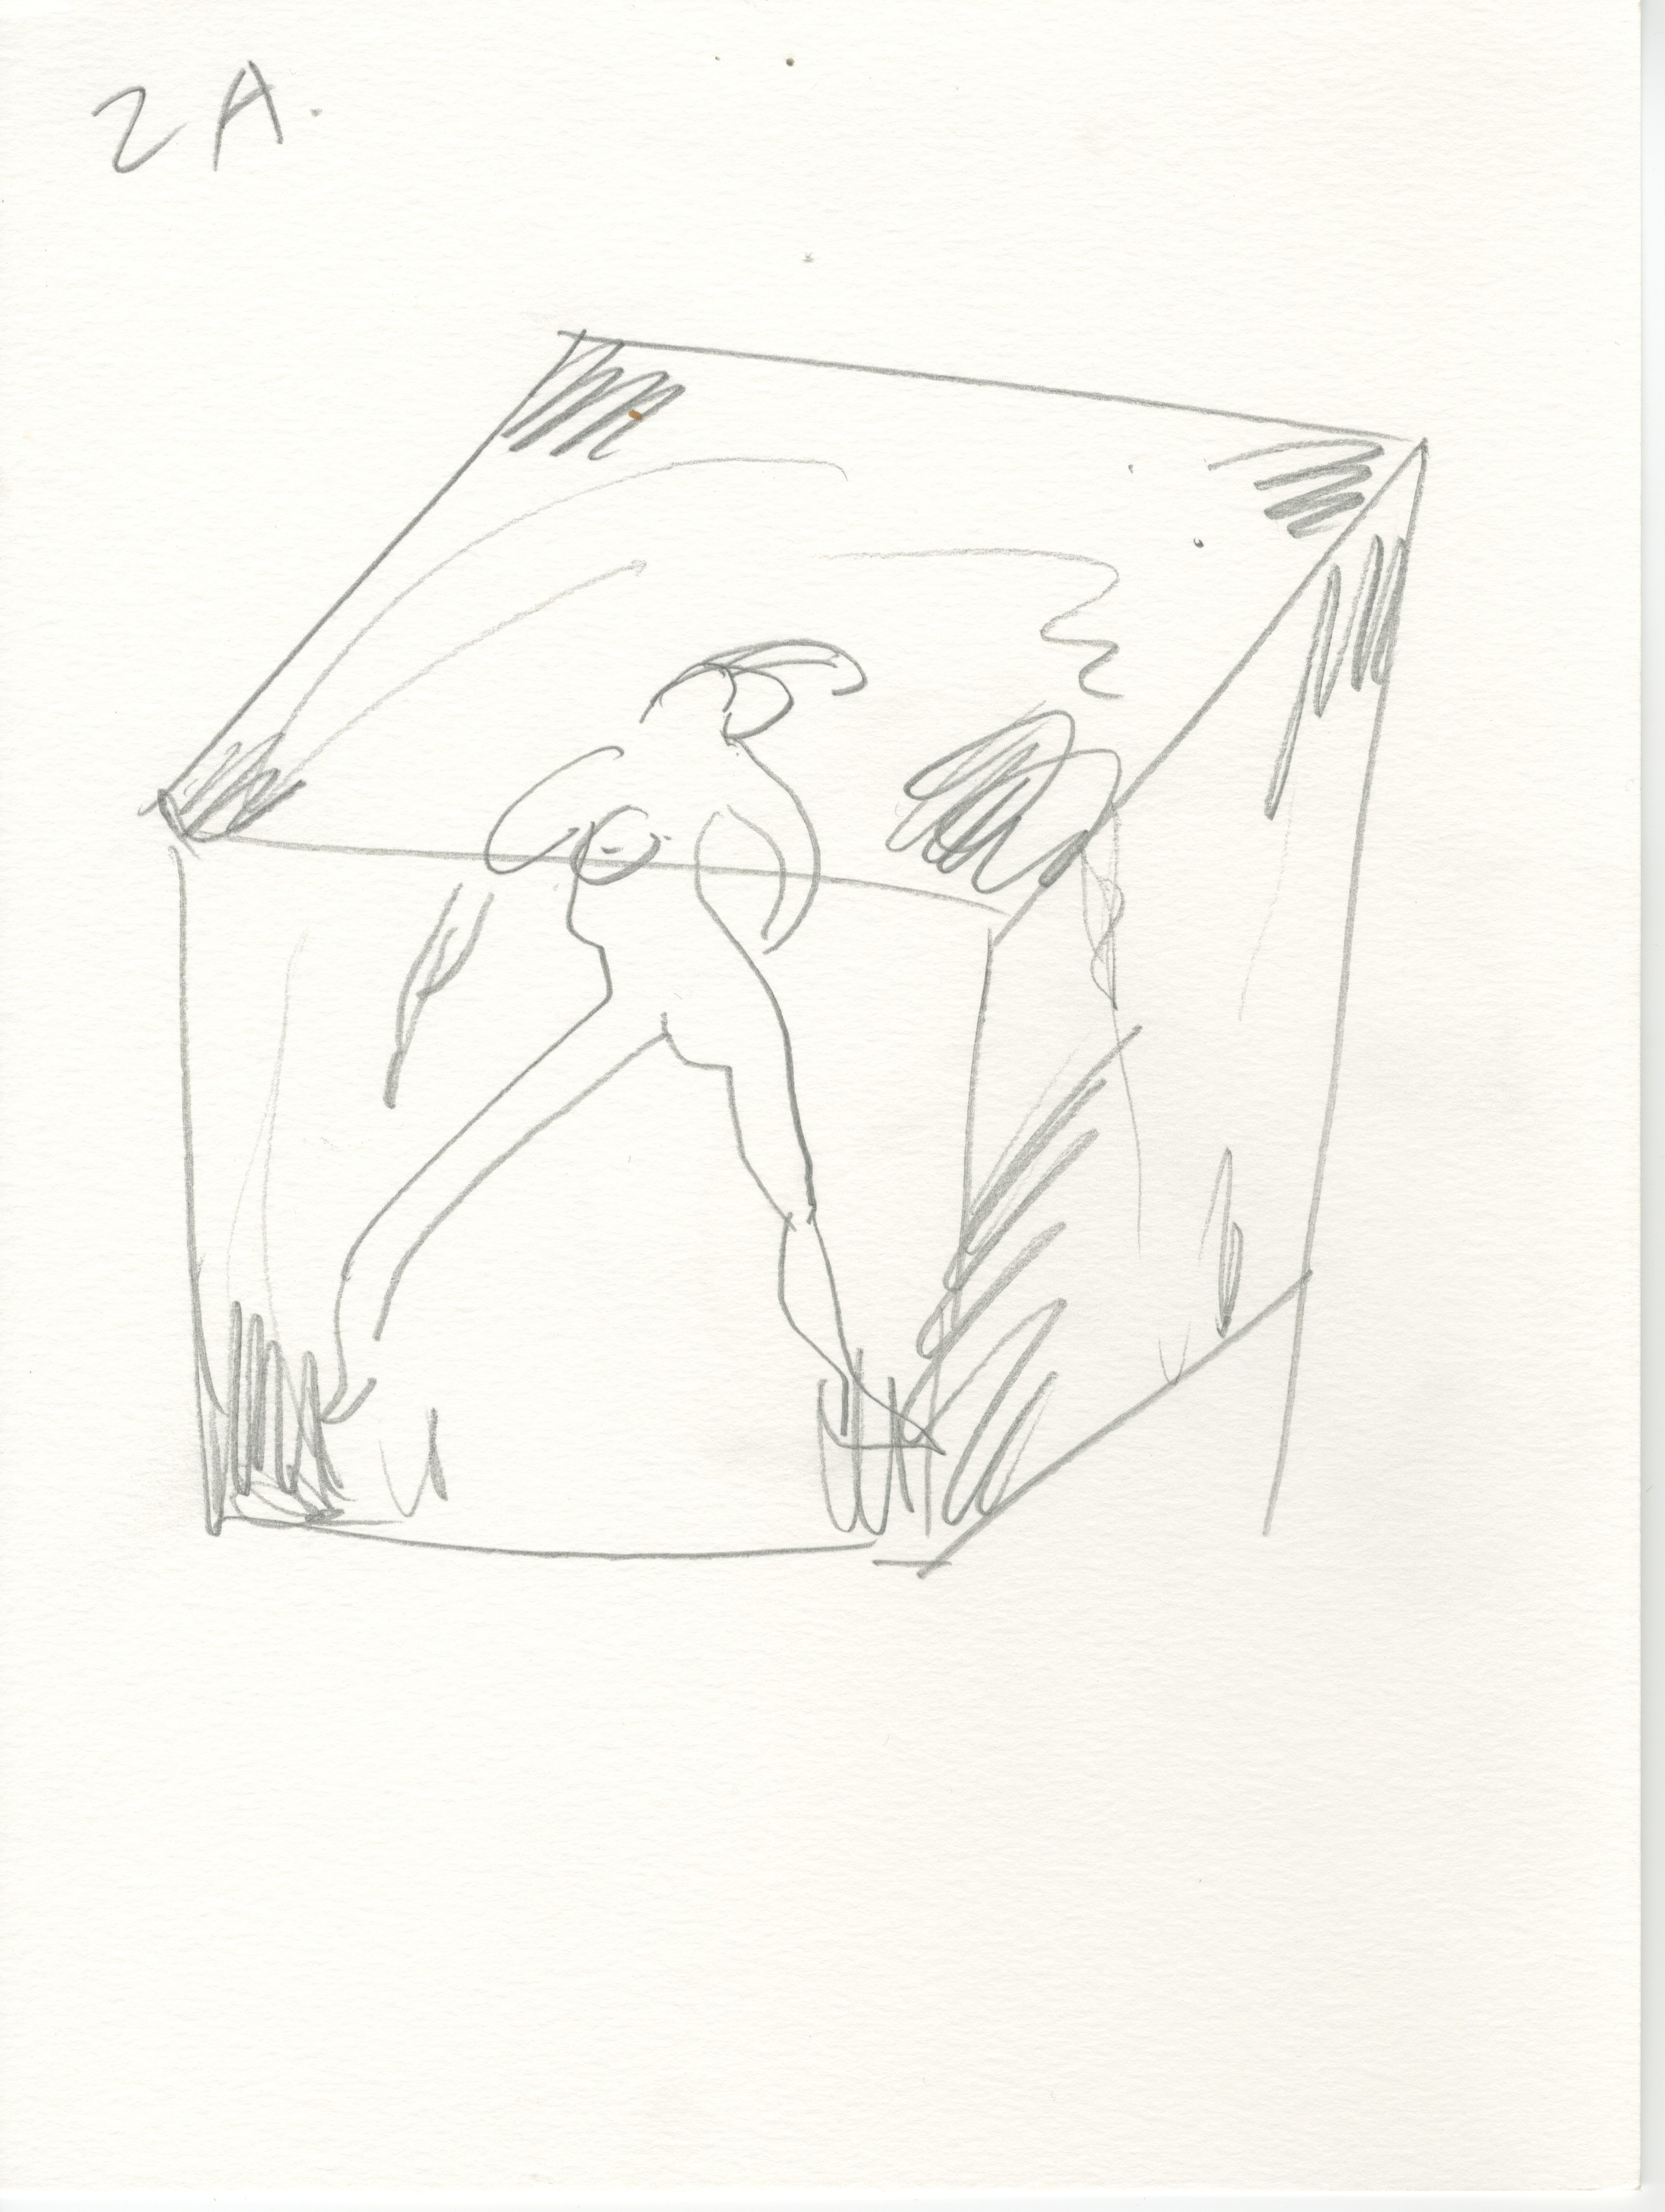 installation sketches 1.jpeg